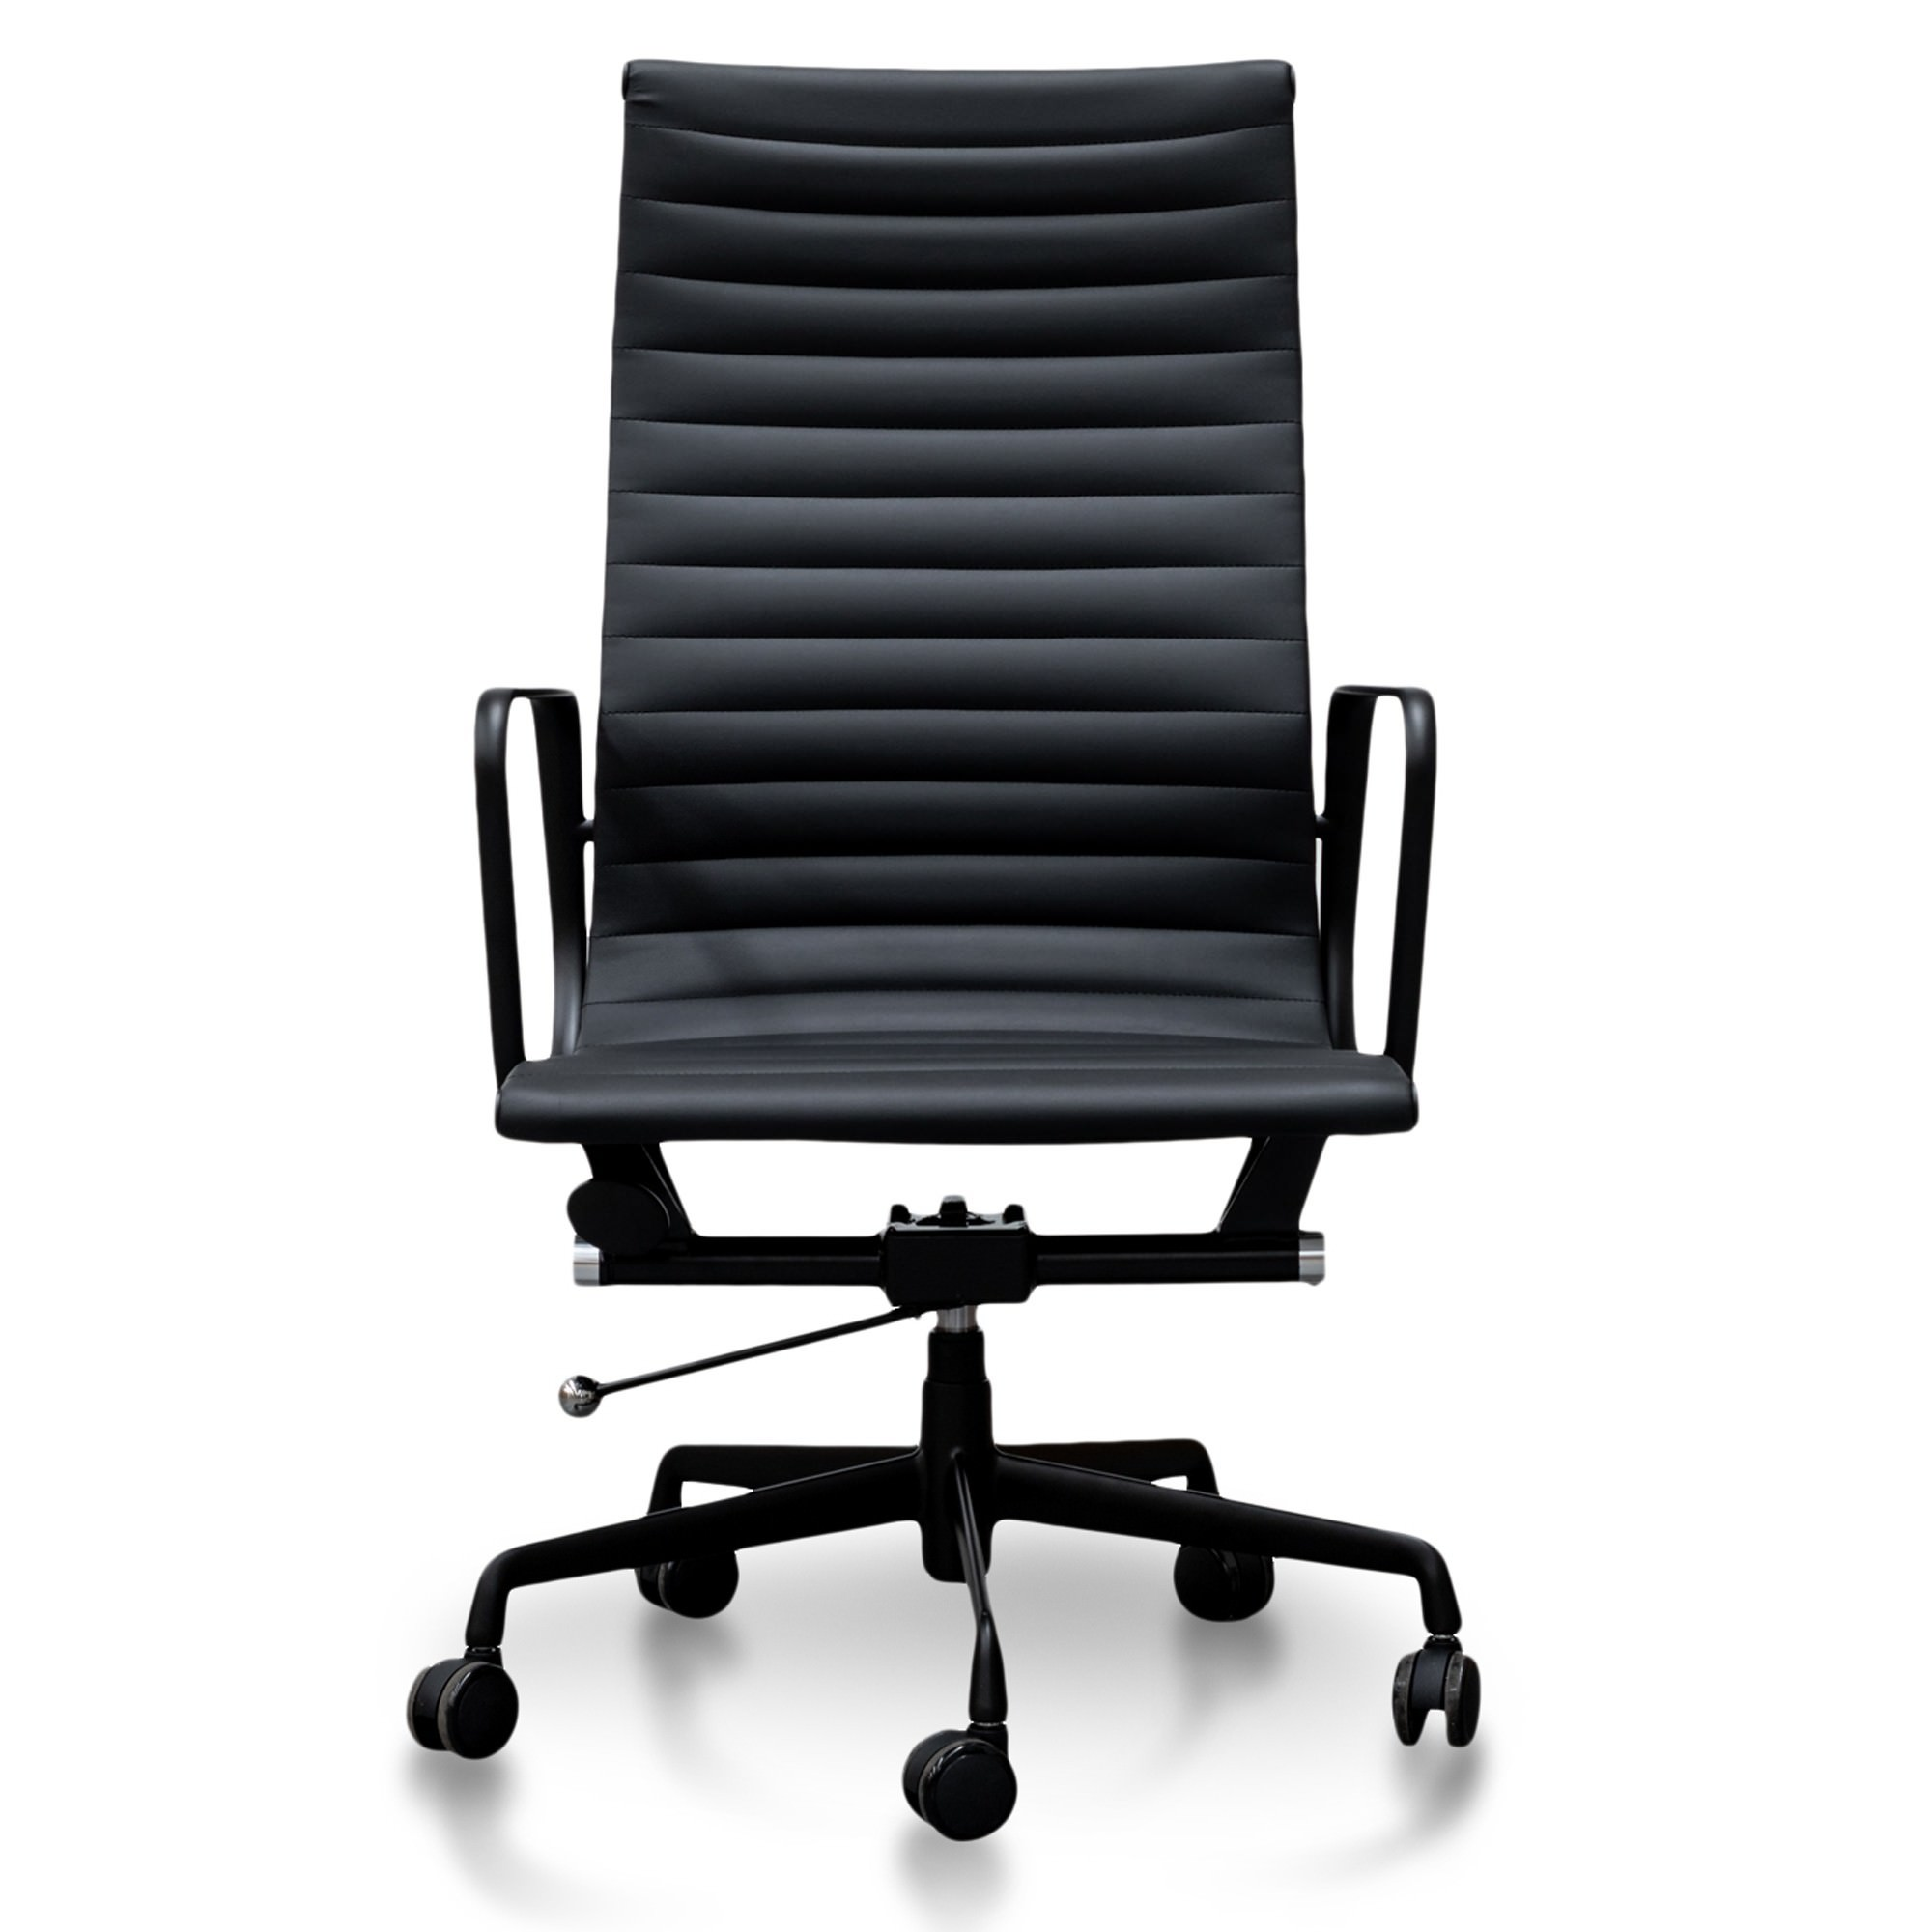 Conimbia Replica Eames Executive Office Chair, Black